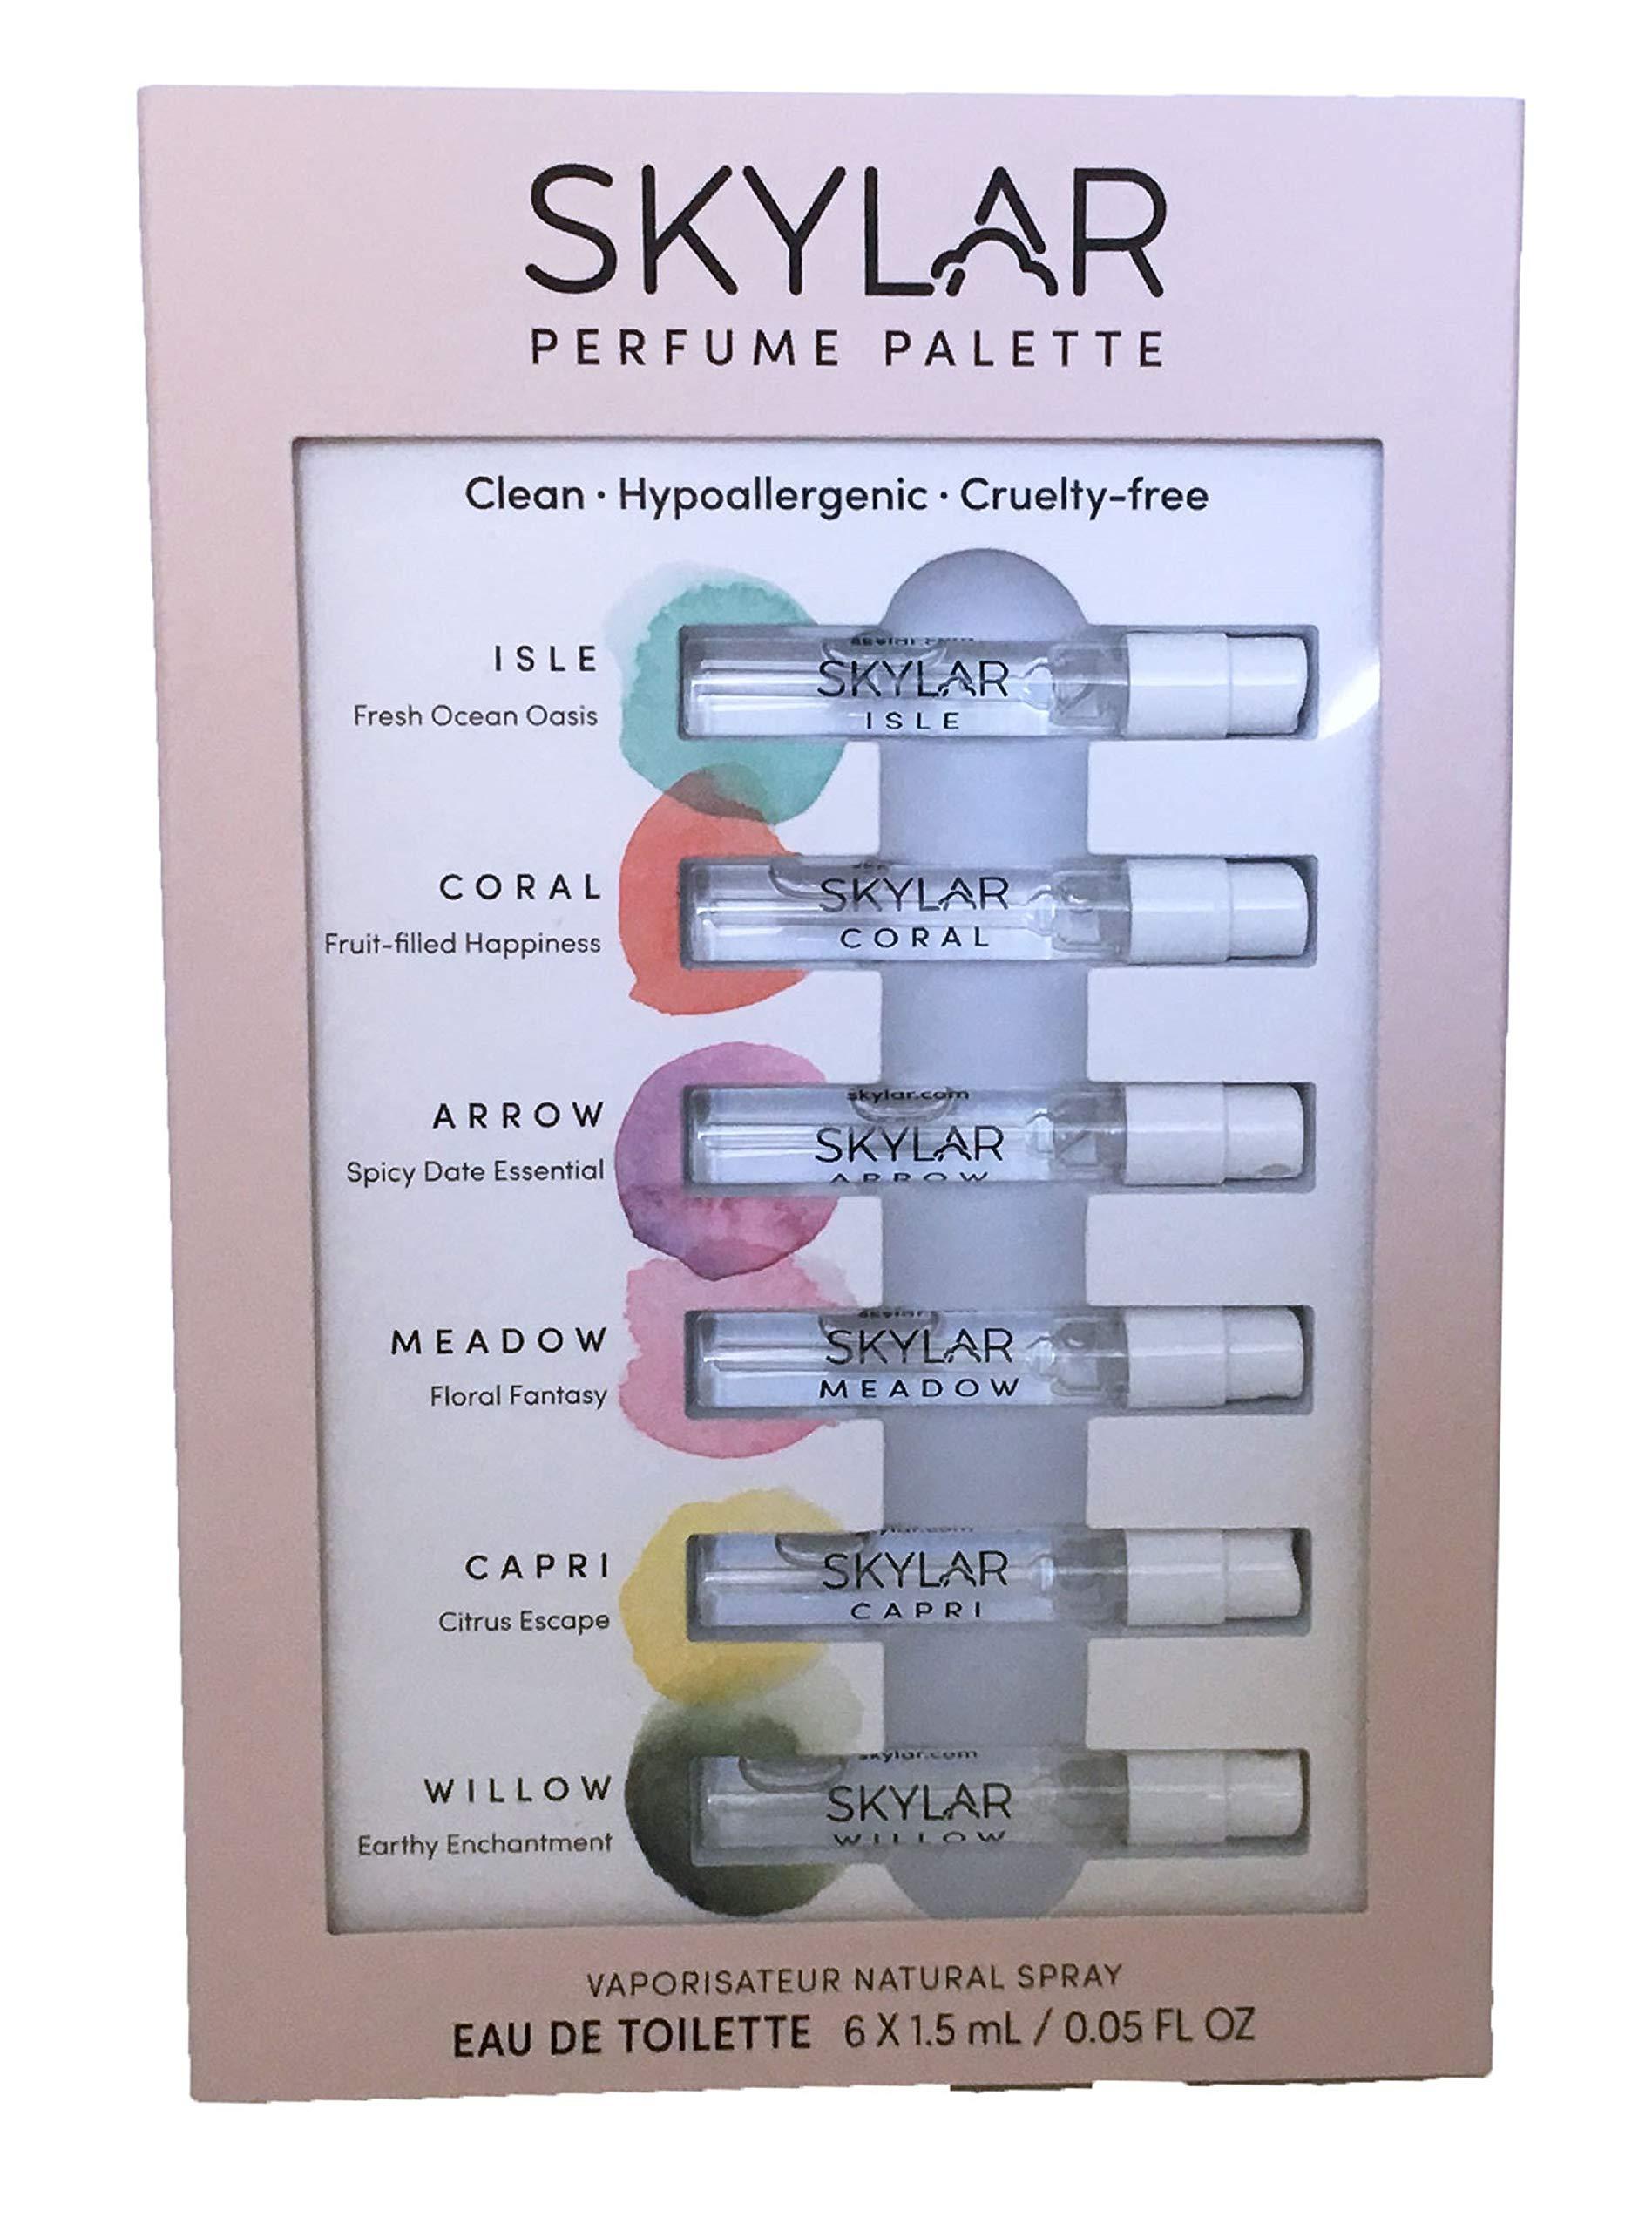 Skylar Perfume Palette - Sampler of Six Unisex Fragrances by Skylar